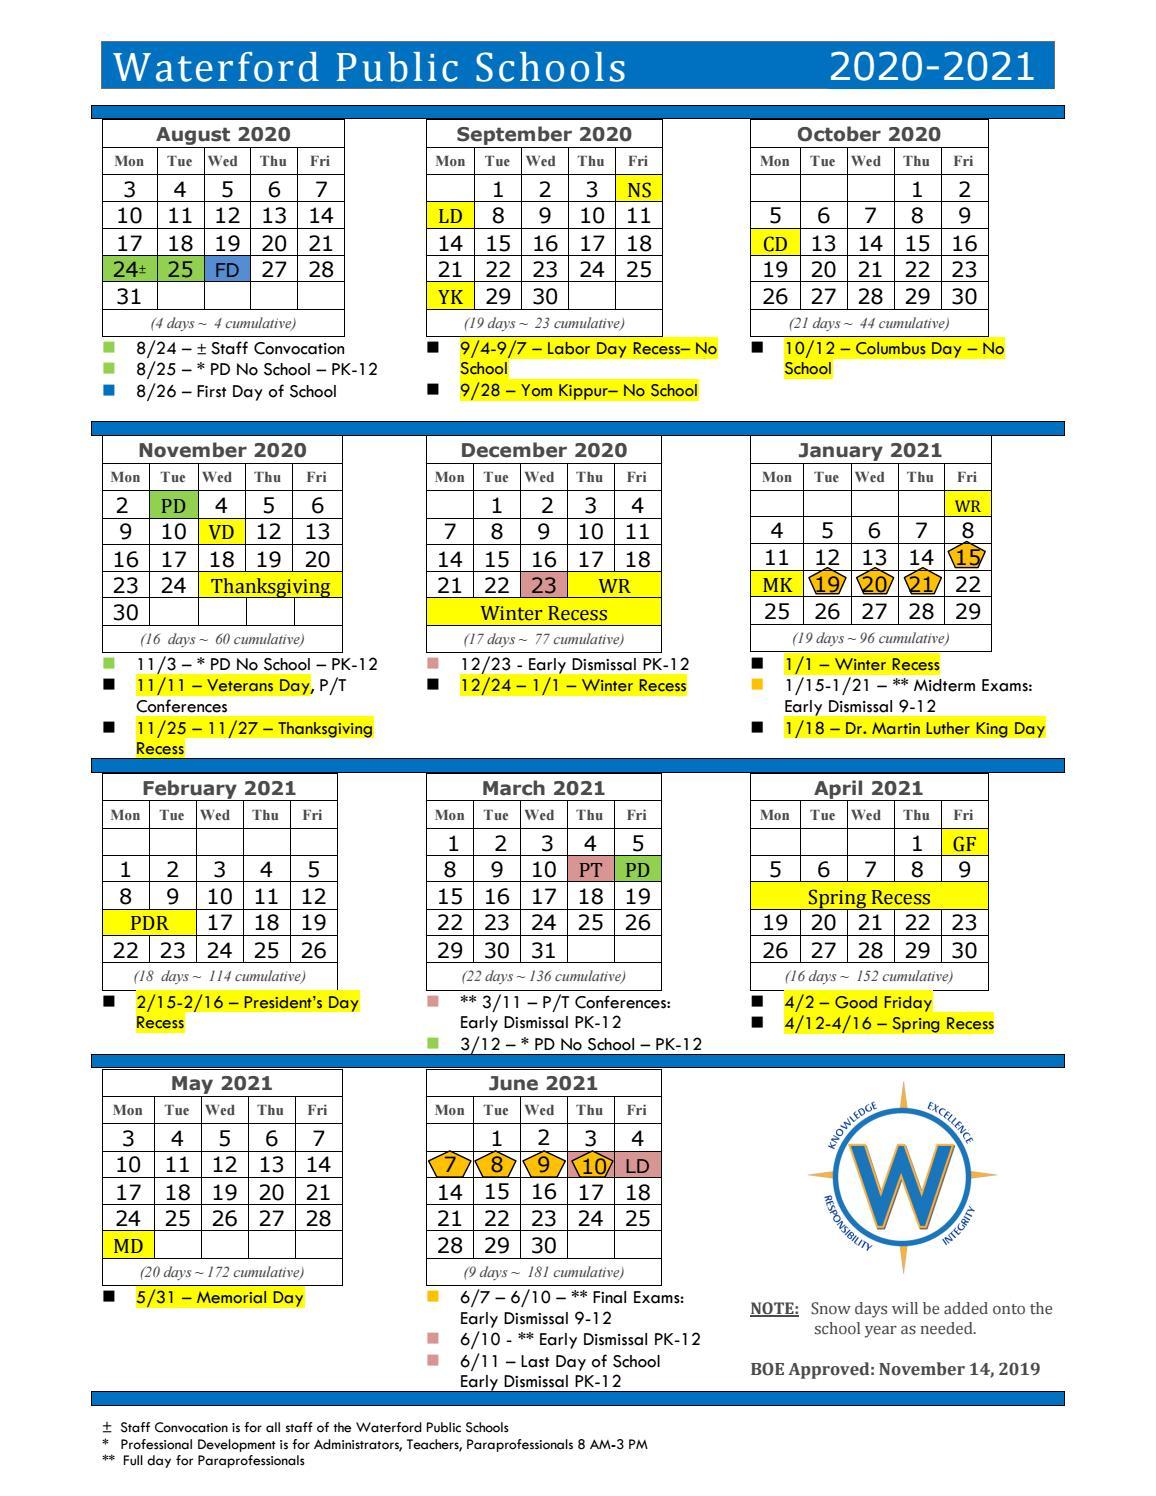 Waterford School Calendar 2021